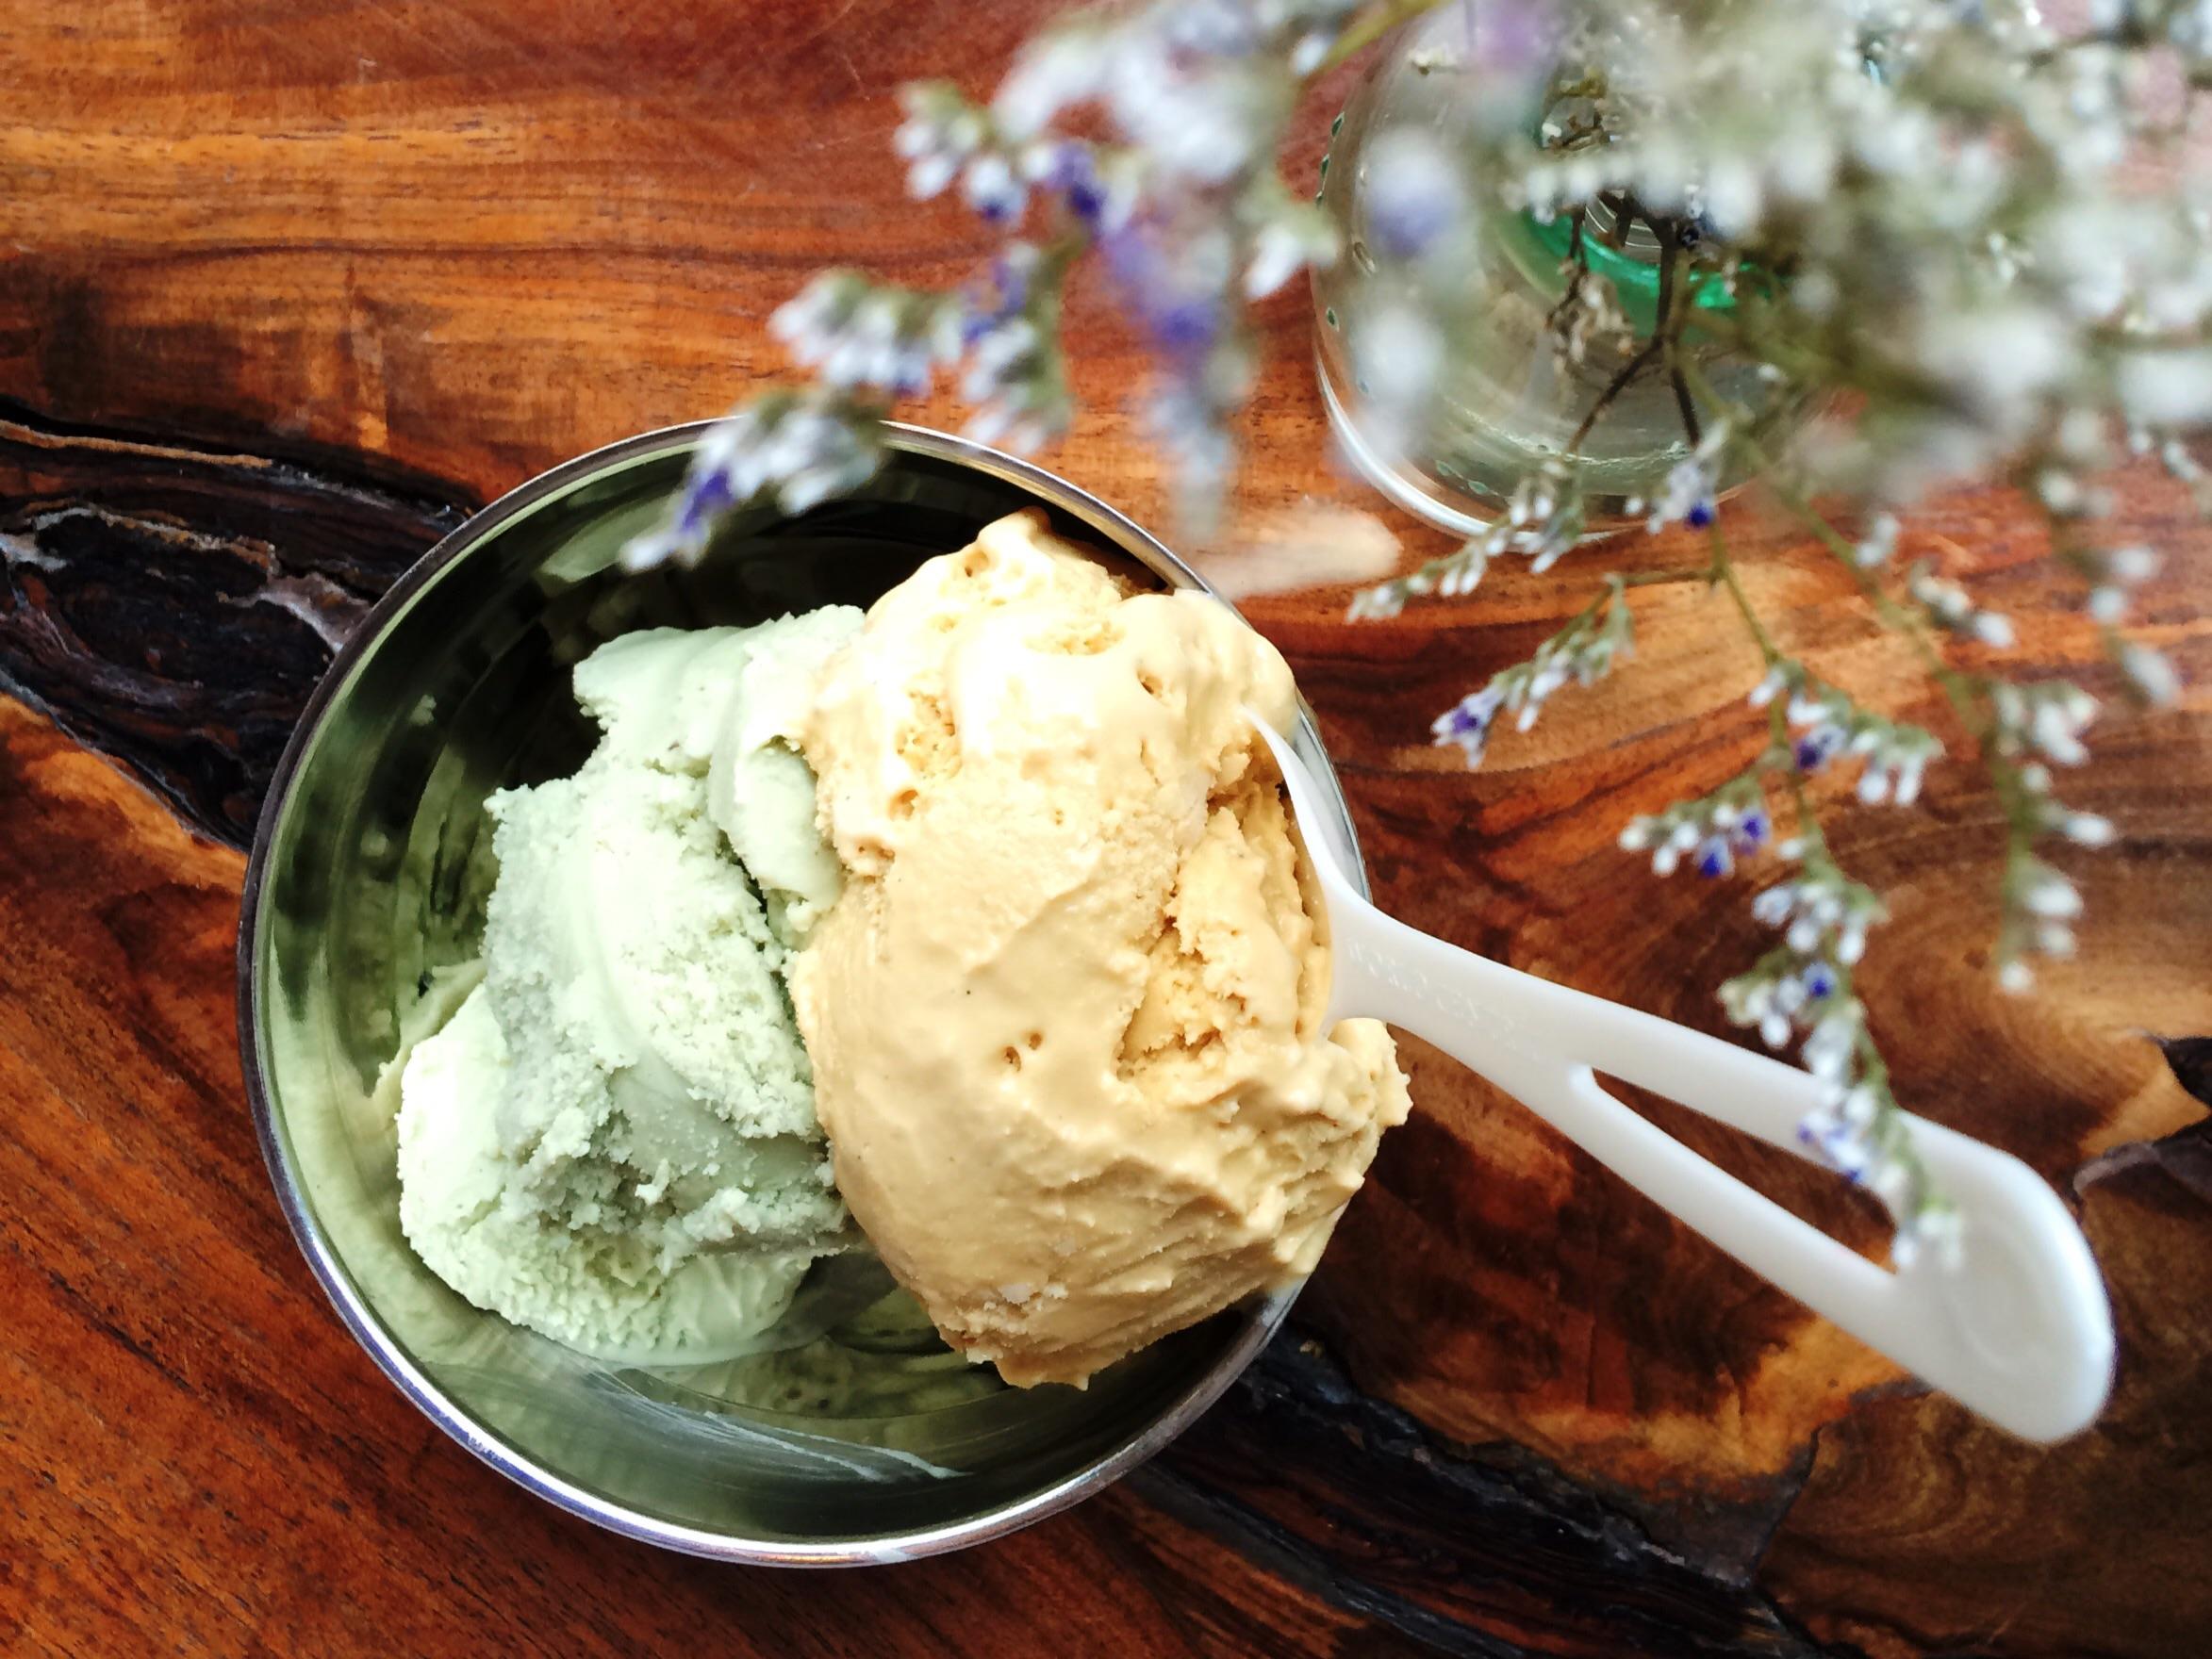 Vegan pistachio and classic salted caramel ice cream flavors.